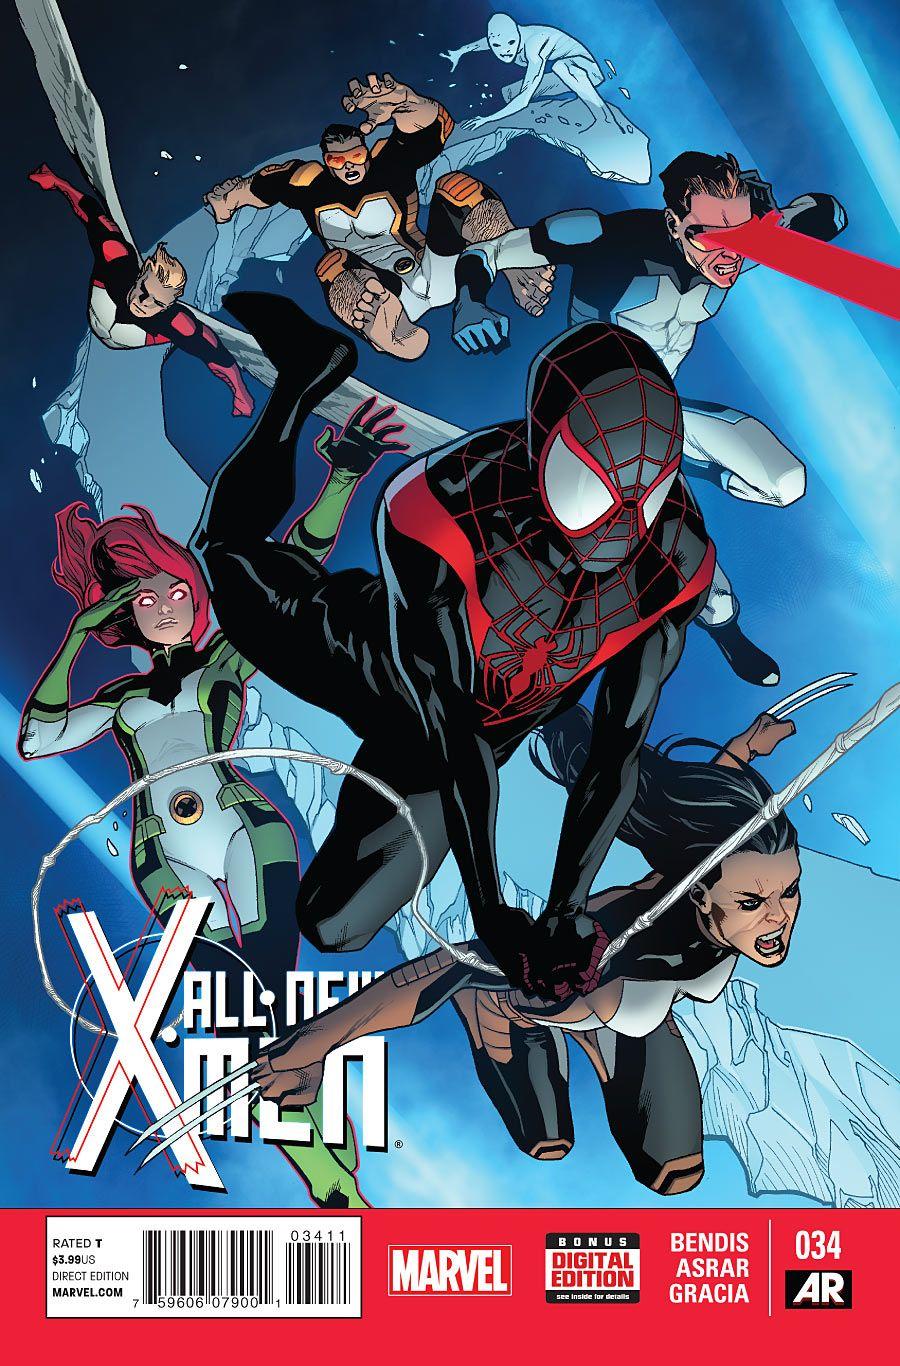 All-New X-Men #34